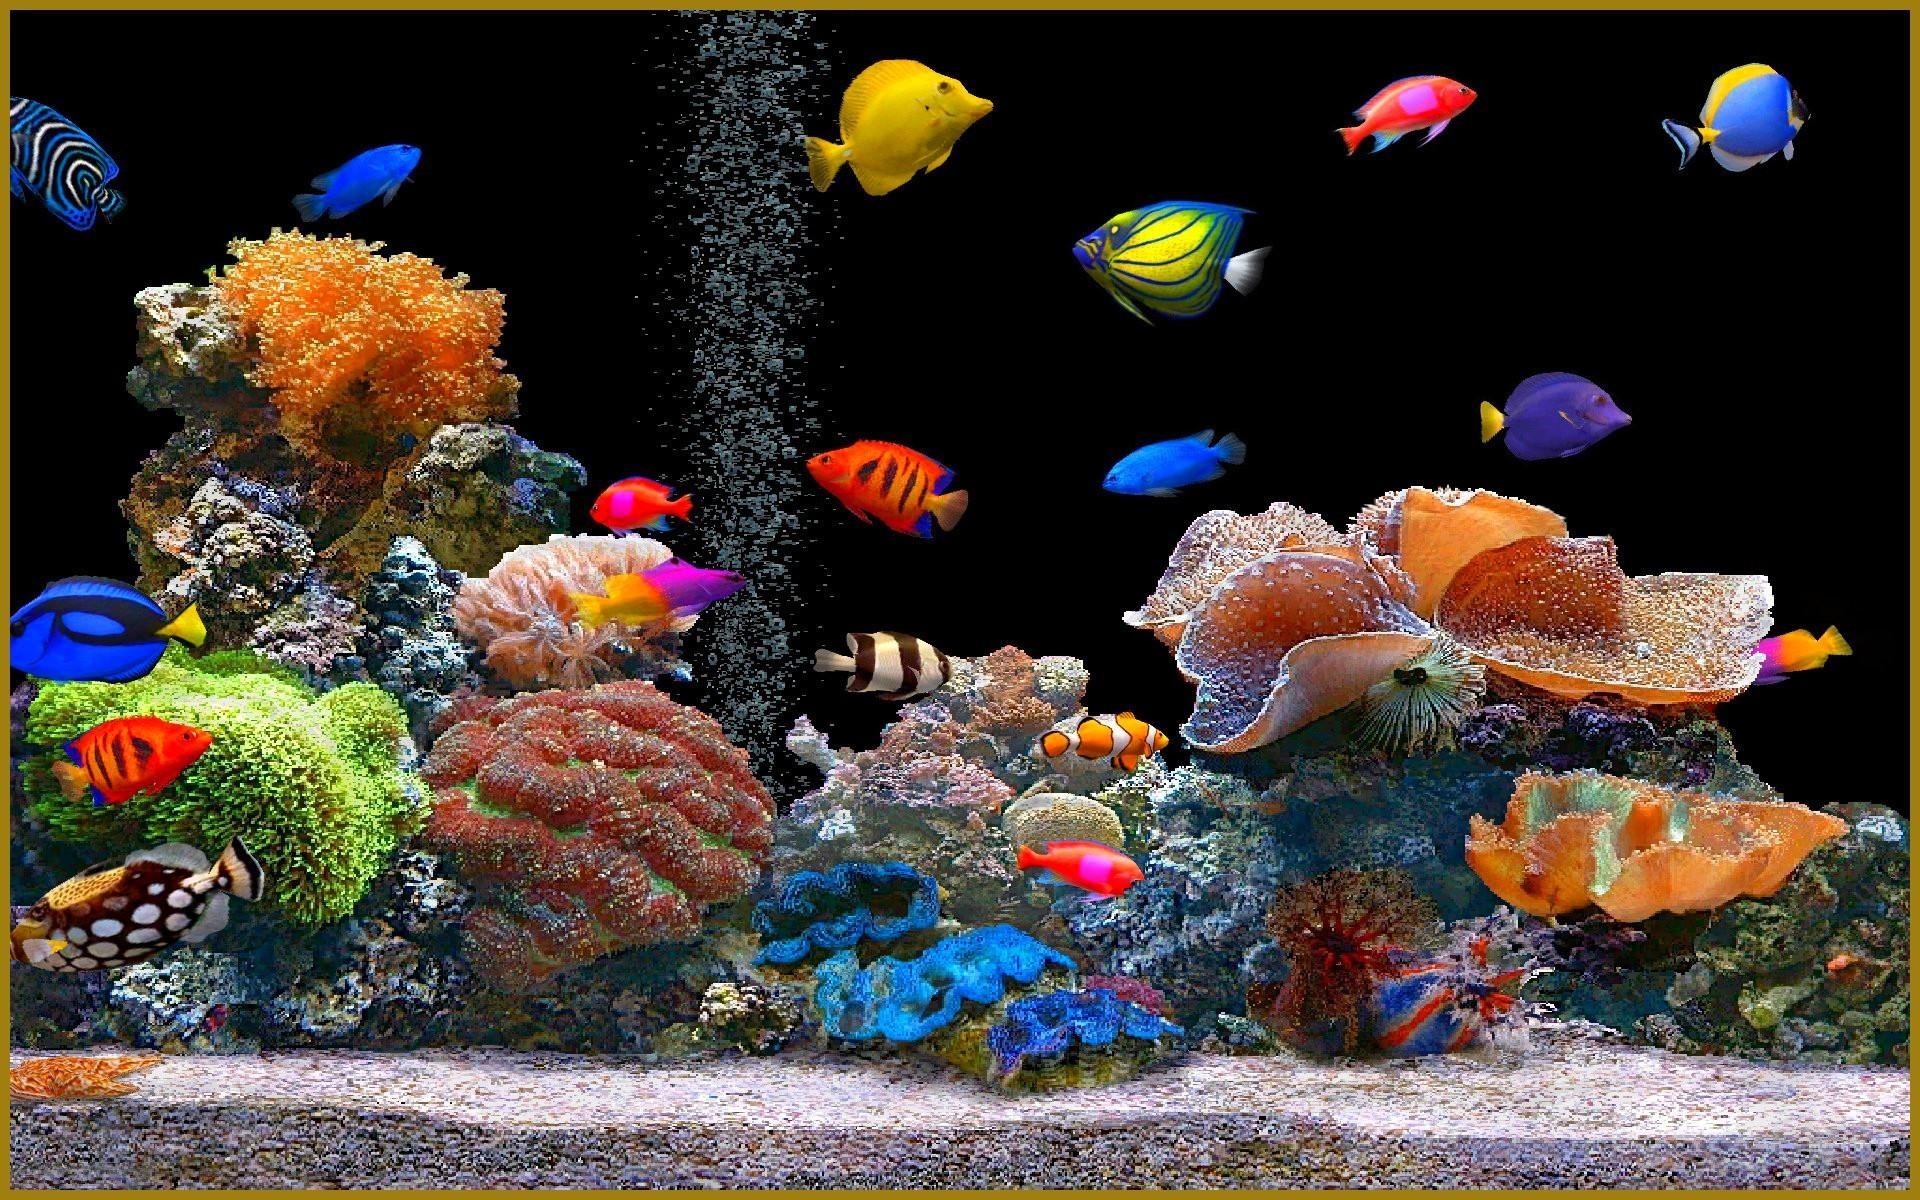 Животные красивые анимационные картинки анимации животных